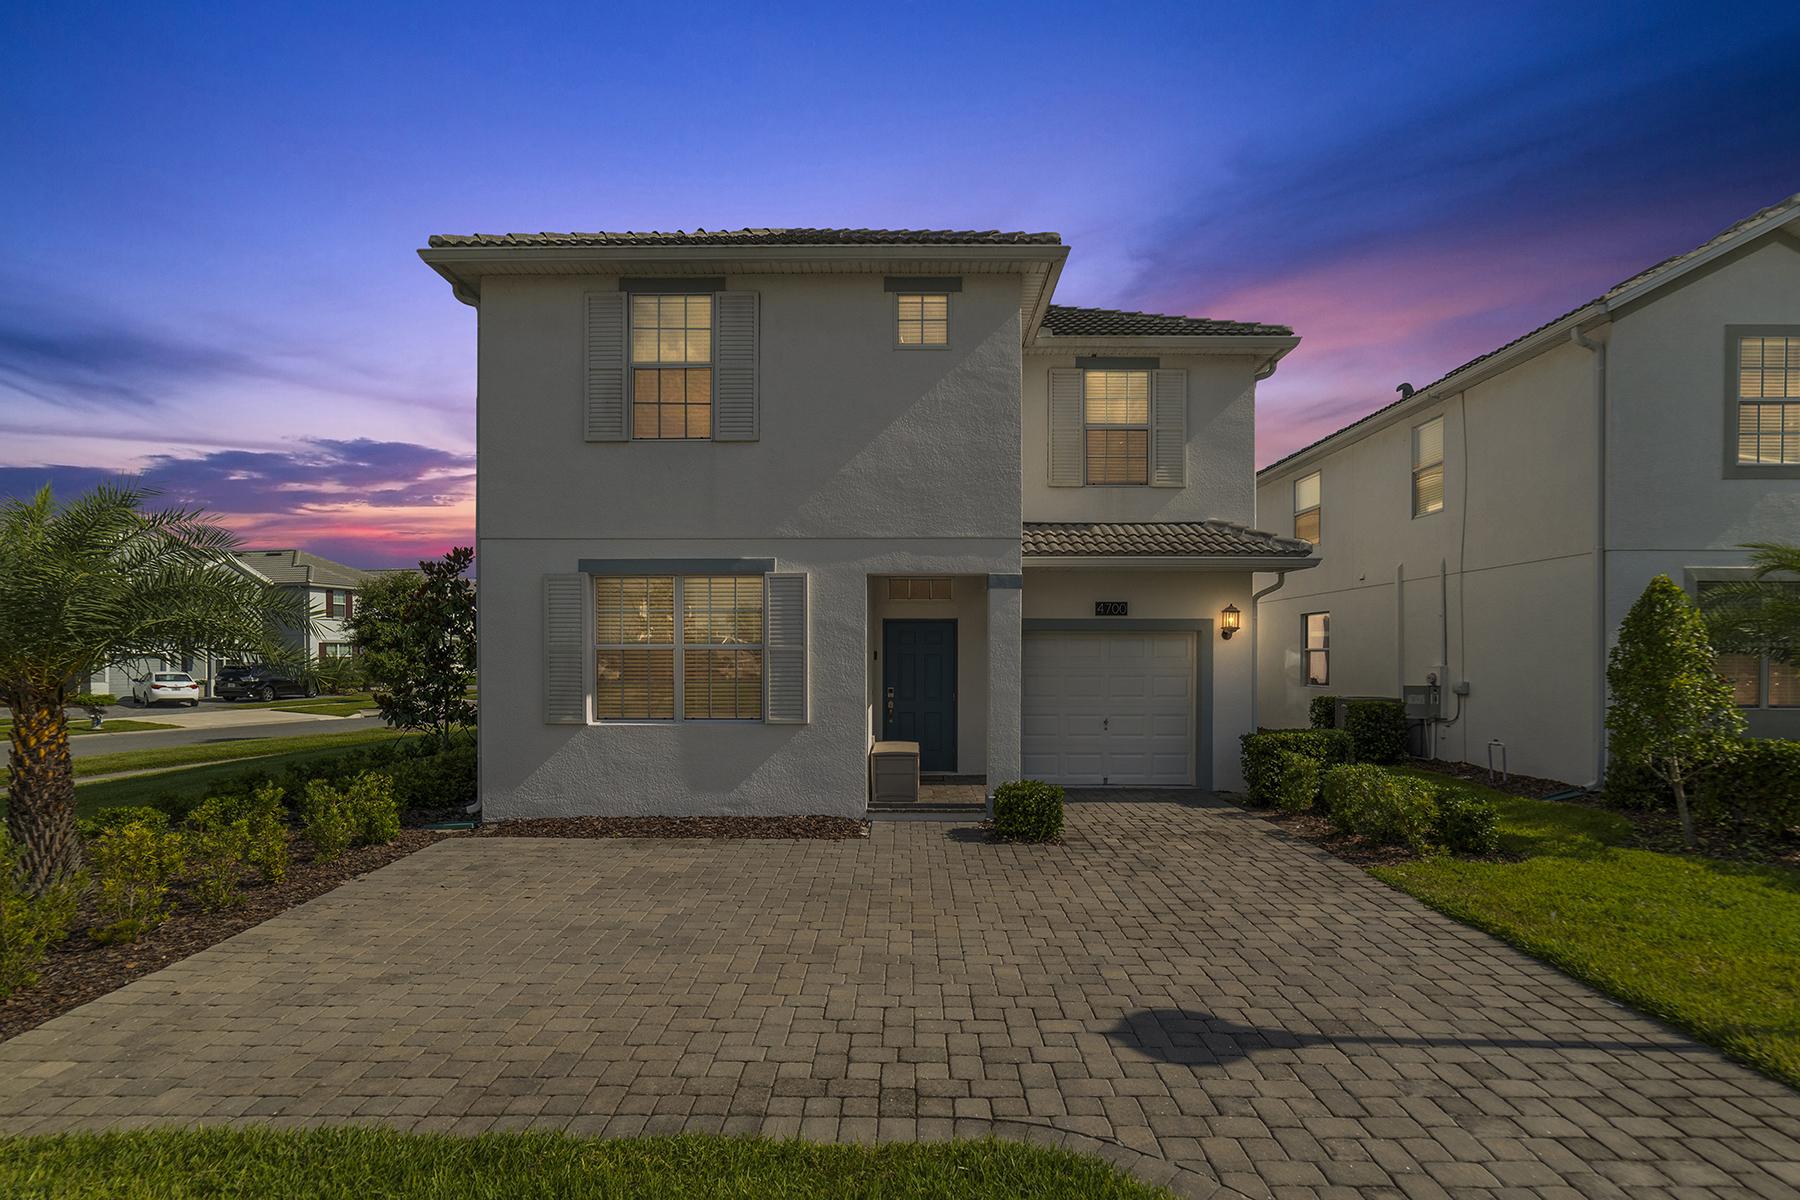 Single Family Homes für Verkauf beim KISSIMMEE 4700 Sleepy Hollow Dr, Kissimmee, Florida 34746 Vereinigte Staaten